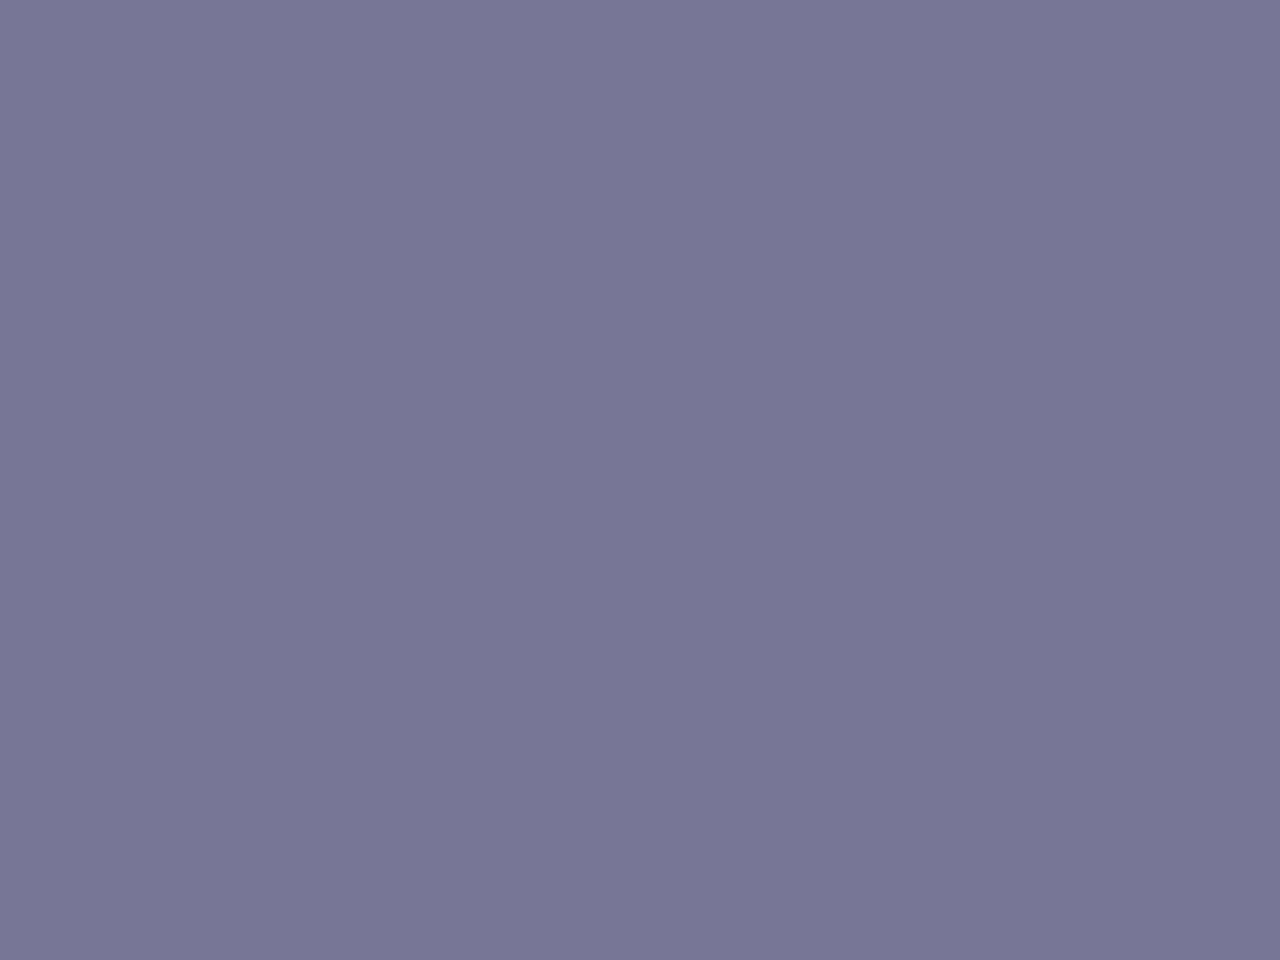 1280x960 Rhythm Solid Color Background